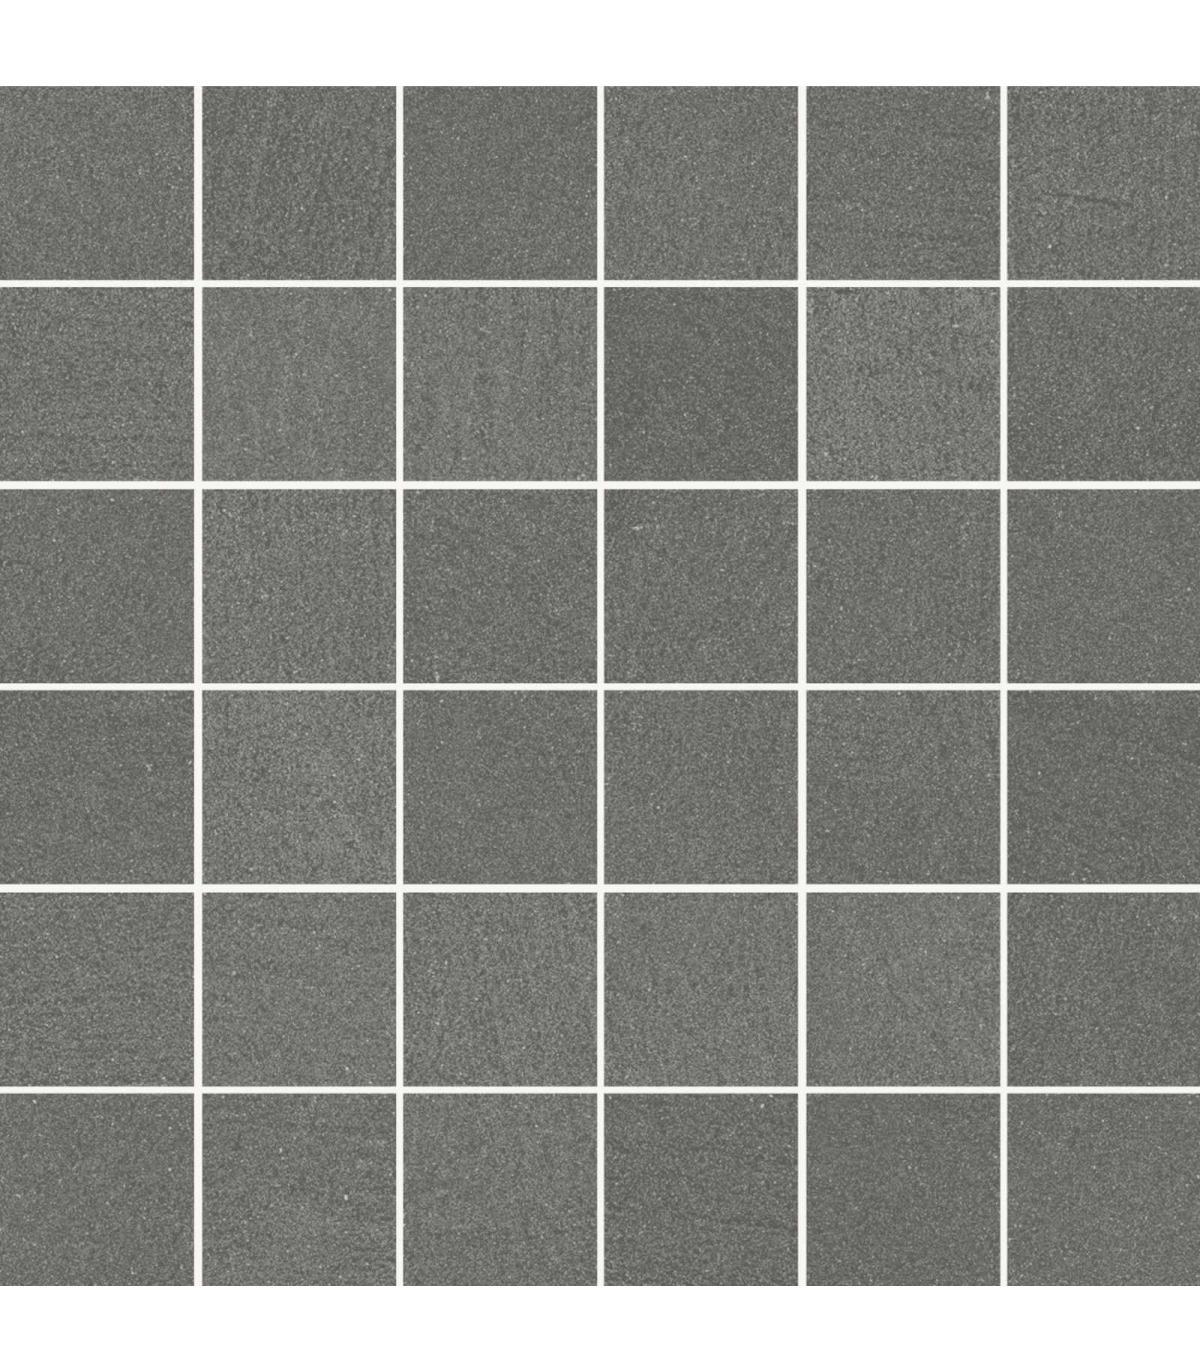 Mobile per lavatoio lago ceramica dolomite con asse in legno - Lavatoio ceramica con mobile ...